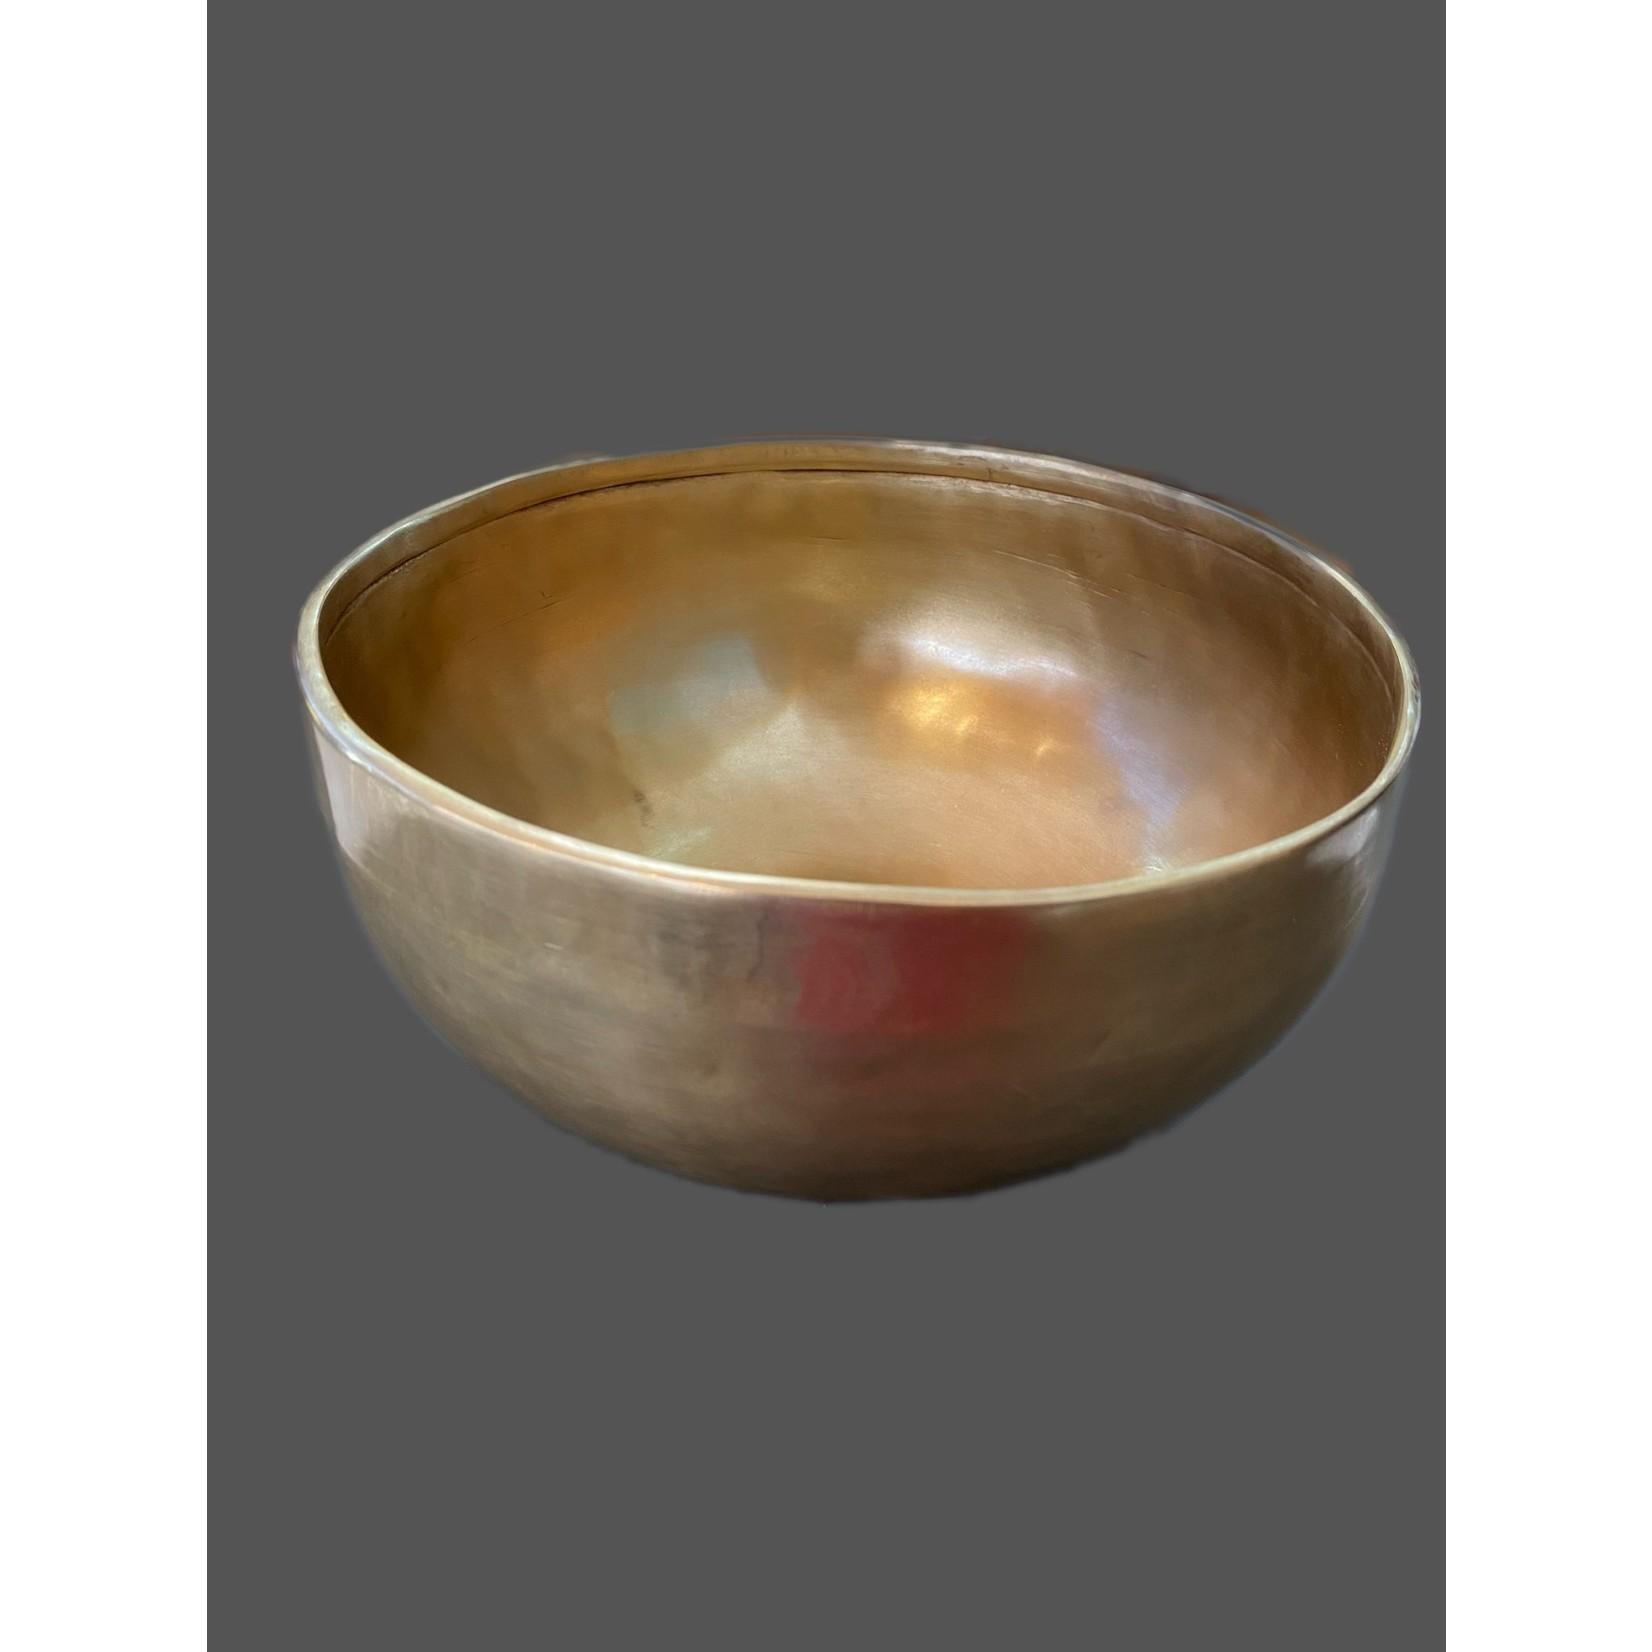 Cuenco sonoro Dewa 1250-1325 g 22 cm